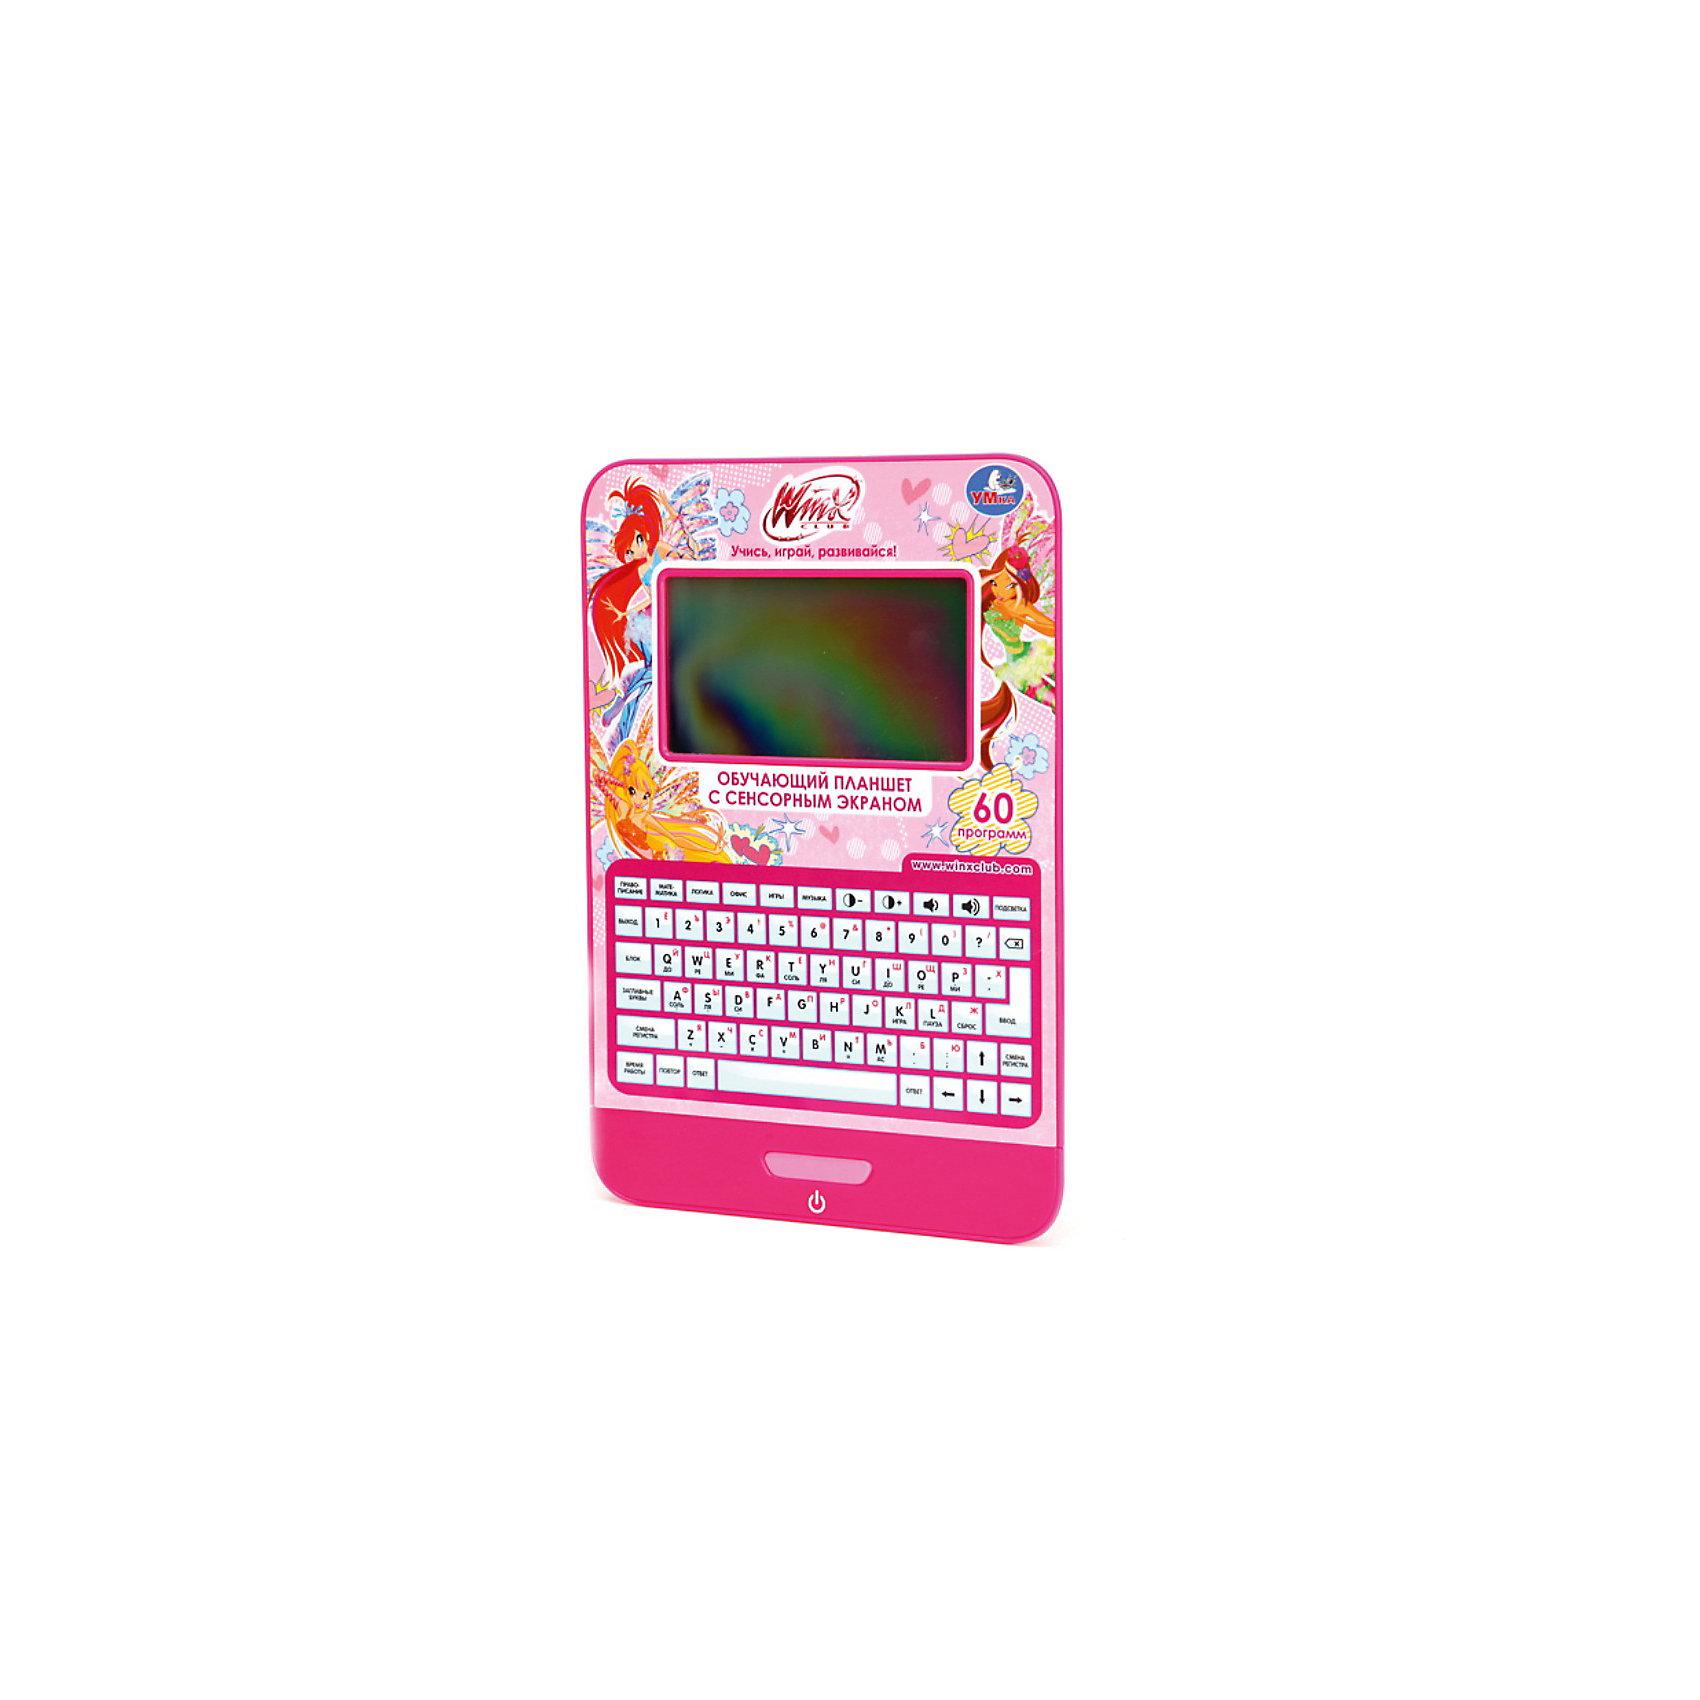 Обучающий планшет Winx Club, 60 программ, УмкаОбучающий планшет Winx (Винкс), 60 программ, Умка – это отличная развивающая игрушка для вашего ребенка.<br>С помощью этого замечательного планшета ваш ребенок выучит буквы, цифры, новые слова и ноты. Ребенок может обучаться как на русском, так и на английском языке. 5 режимов игры помогут малышу получить знания именно в той области, которая ему интересна – правописание, математика, музыка, логика. Планшет содержит 60 обучающих программ: 9 программ в категории правописание, 8 программ в категории математика, 8 программ в категории логика и память, 3 программы в категории офисные инструменты, 12 программ в категории музыка и игры. Режим вопросов поможет закрепить полученные знания.<br>Игрушка оснащена большим сенсорным ЖК-экраном высокого разрешения, имеет регулировку громкости, автоматическое отключение, озвучена профессиональными актерами. Раскладка клавиатуры планшета приближена к настоящей. Игрушка способствует развитию самостоятельности, памяти, логики, математических способностей и пополнению словарного запаса.<br><br>Дополнительная информация:<br><br>- Количество обучающих программ: 60<br>- Анимация с героями мультсериала Winx (Винкс)<br>- Батарейки: 3 батарейки типа ААА (батарейки входят в комплект)<br>- Материал: пластик<br>- Размер планшета: 16,5 х 23,5 х 2 см.<br>- Размер упаковки: 32 х 23,5 х 3,5 см.<br>- Вес: 630 гр.<br><br>Обучающий планшет Winx (Клуб Винкс: Школа Волшебниц), 60 программ, Умка можно купить в нашем интернет-магазине.<br><br>Ширина мм: 240<br>Глубина мм: 320<br>Высота мм: 40<br>Вес г: 630<br>Возраст от месяцев: 24<br>Возраст до месяцев: 60<br>Пол: Женский<br>Возраст: Детский<br>SKU: 3714279